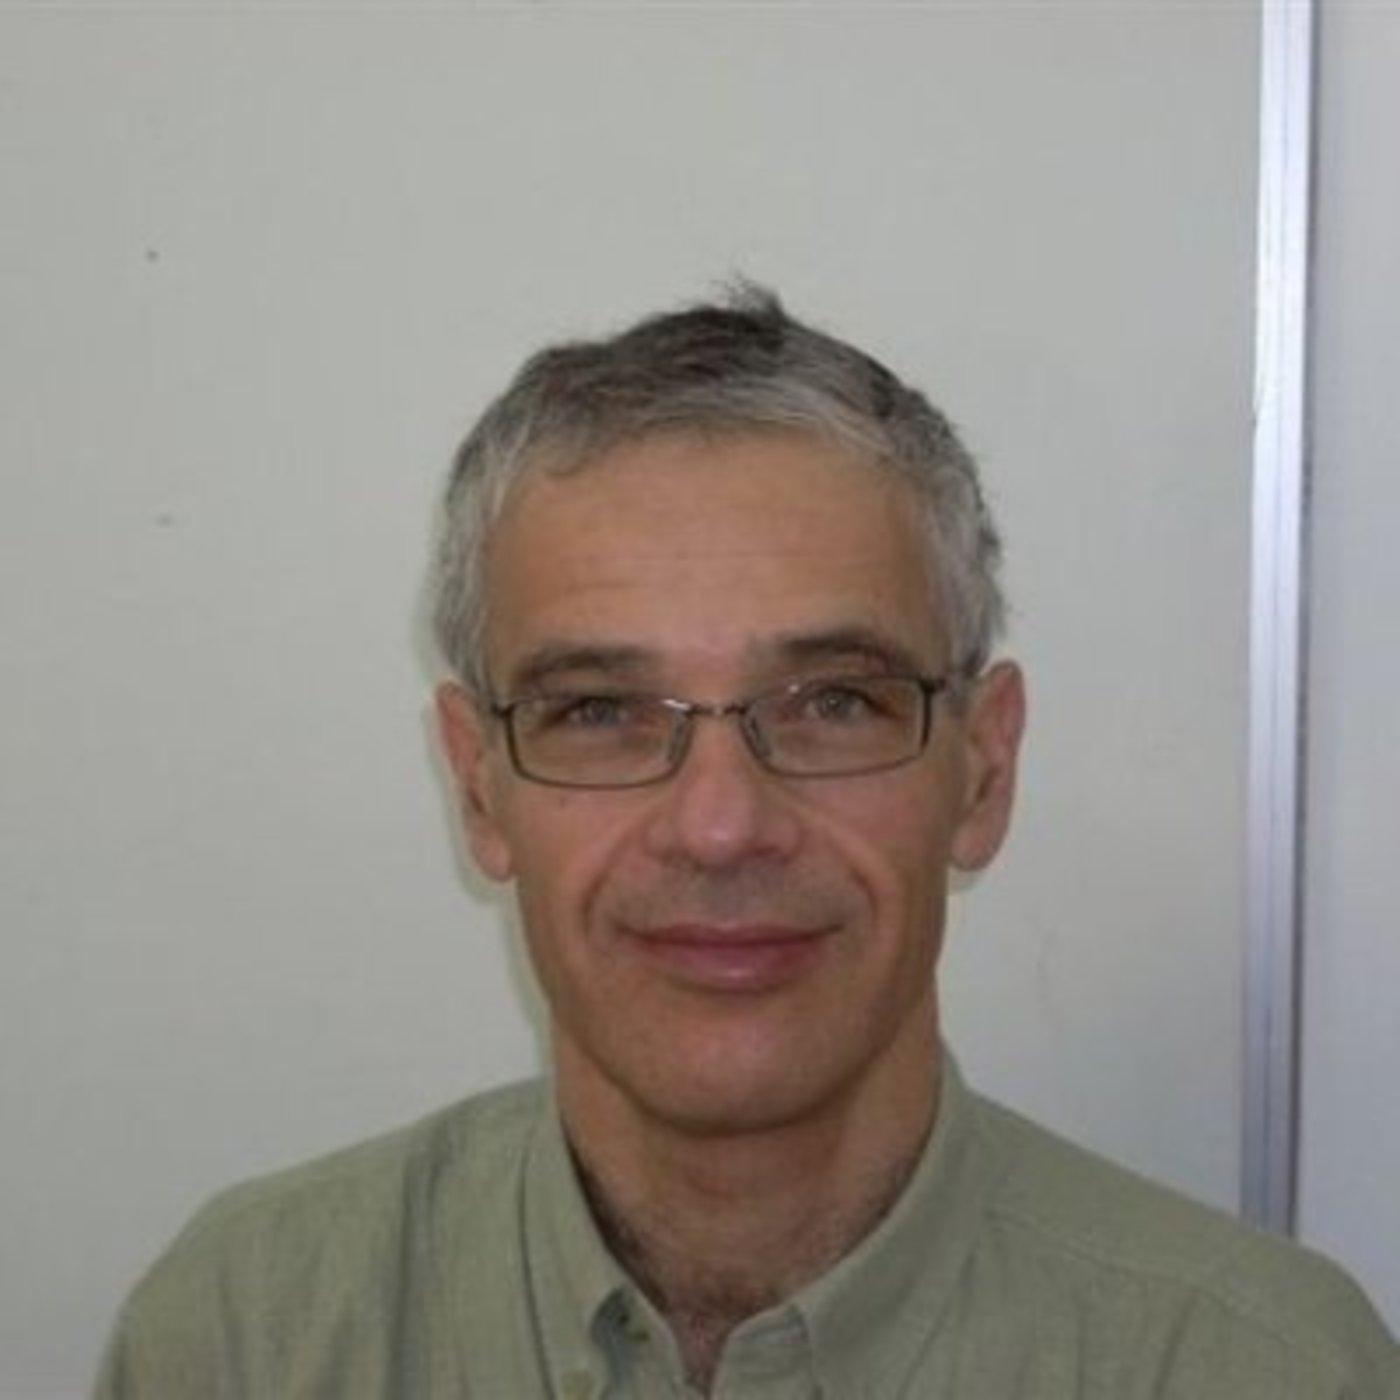 双镜头公司 CEO David Mendlovic